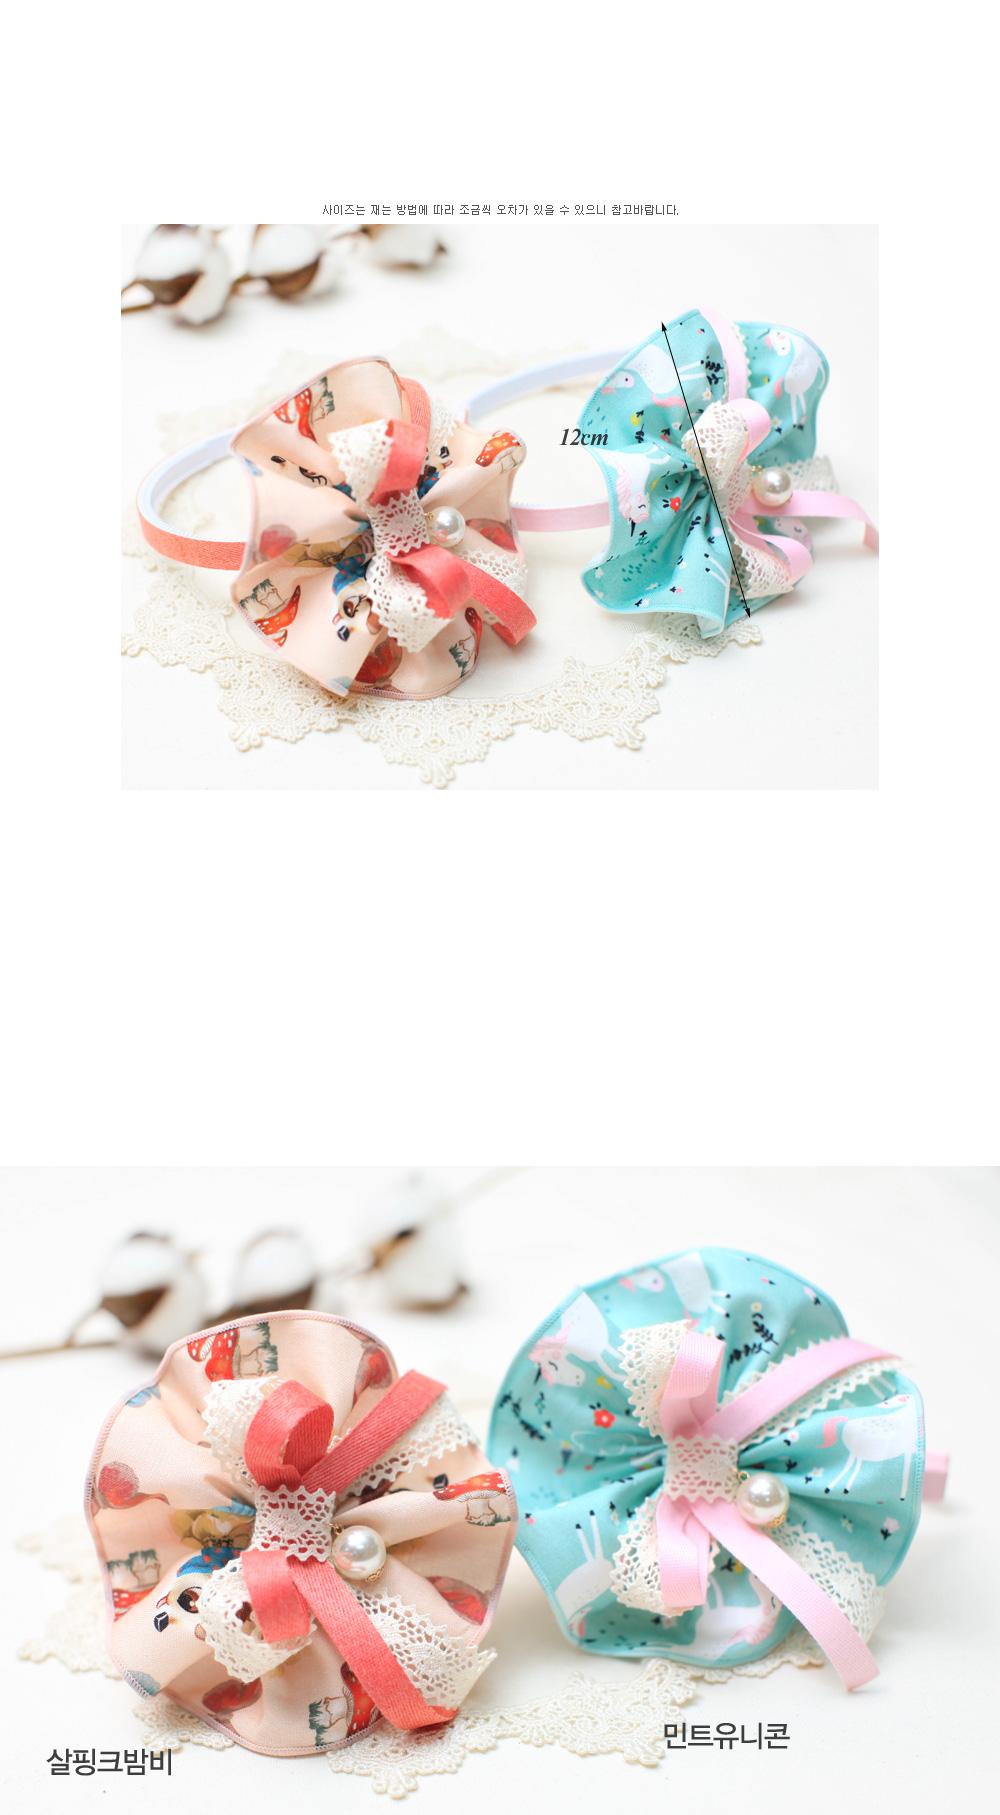 유니콘밤비 헤어밴드 (DIY-DW146) - 엔소엔, 4,800원, 리본공예, 리본공예 패키지